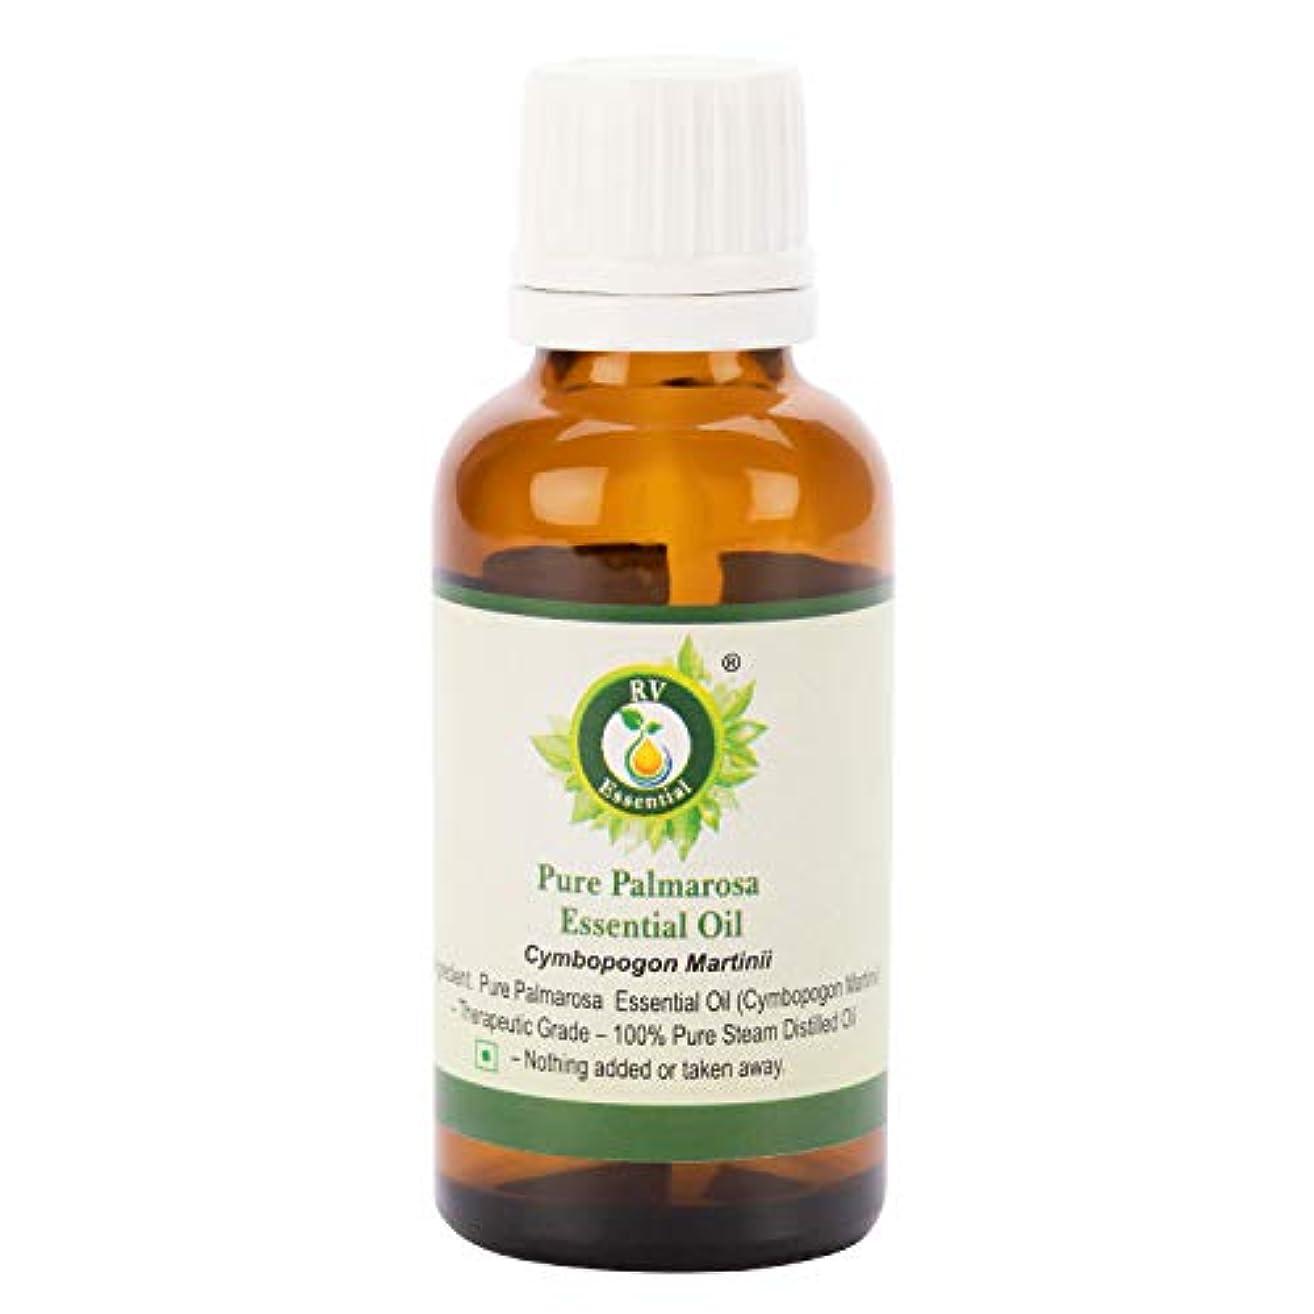 大きなスケールで見るとスリットアルバムピュアパルマローザエッセンシャルオイル5ml (0.169oz)- Cymbopogon Martinii (100%純粋&天然スチームDistilled) Pure Palmarosa Essential Oil